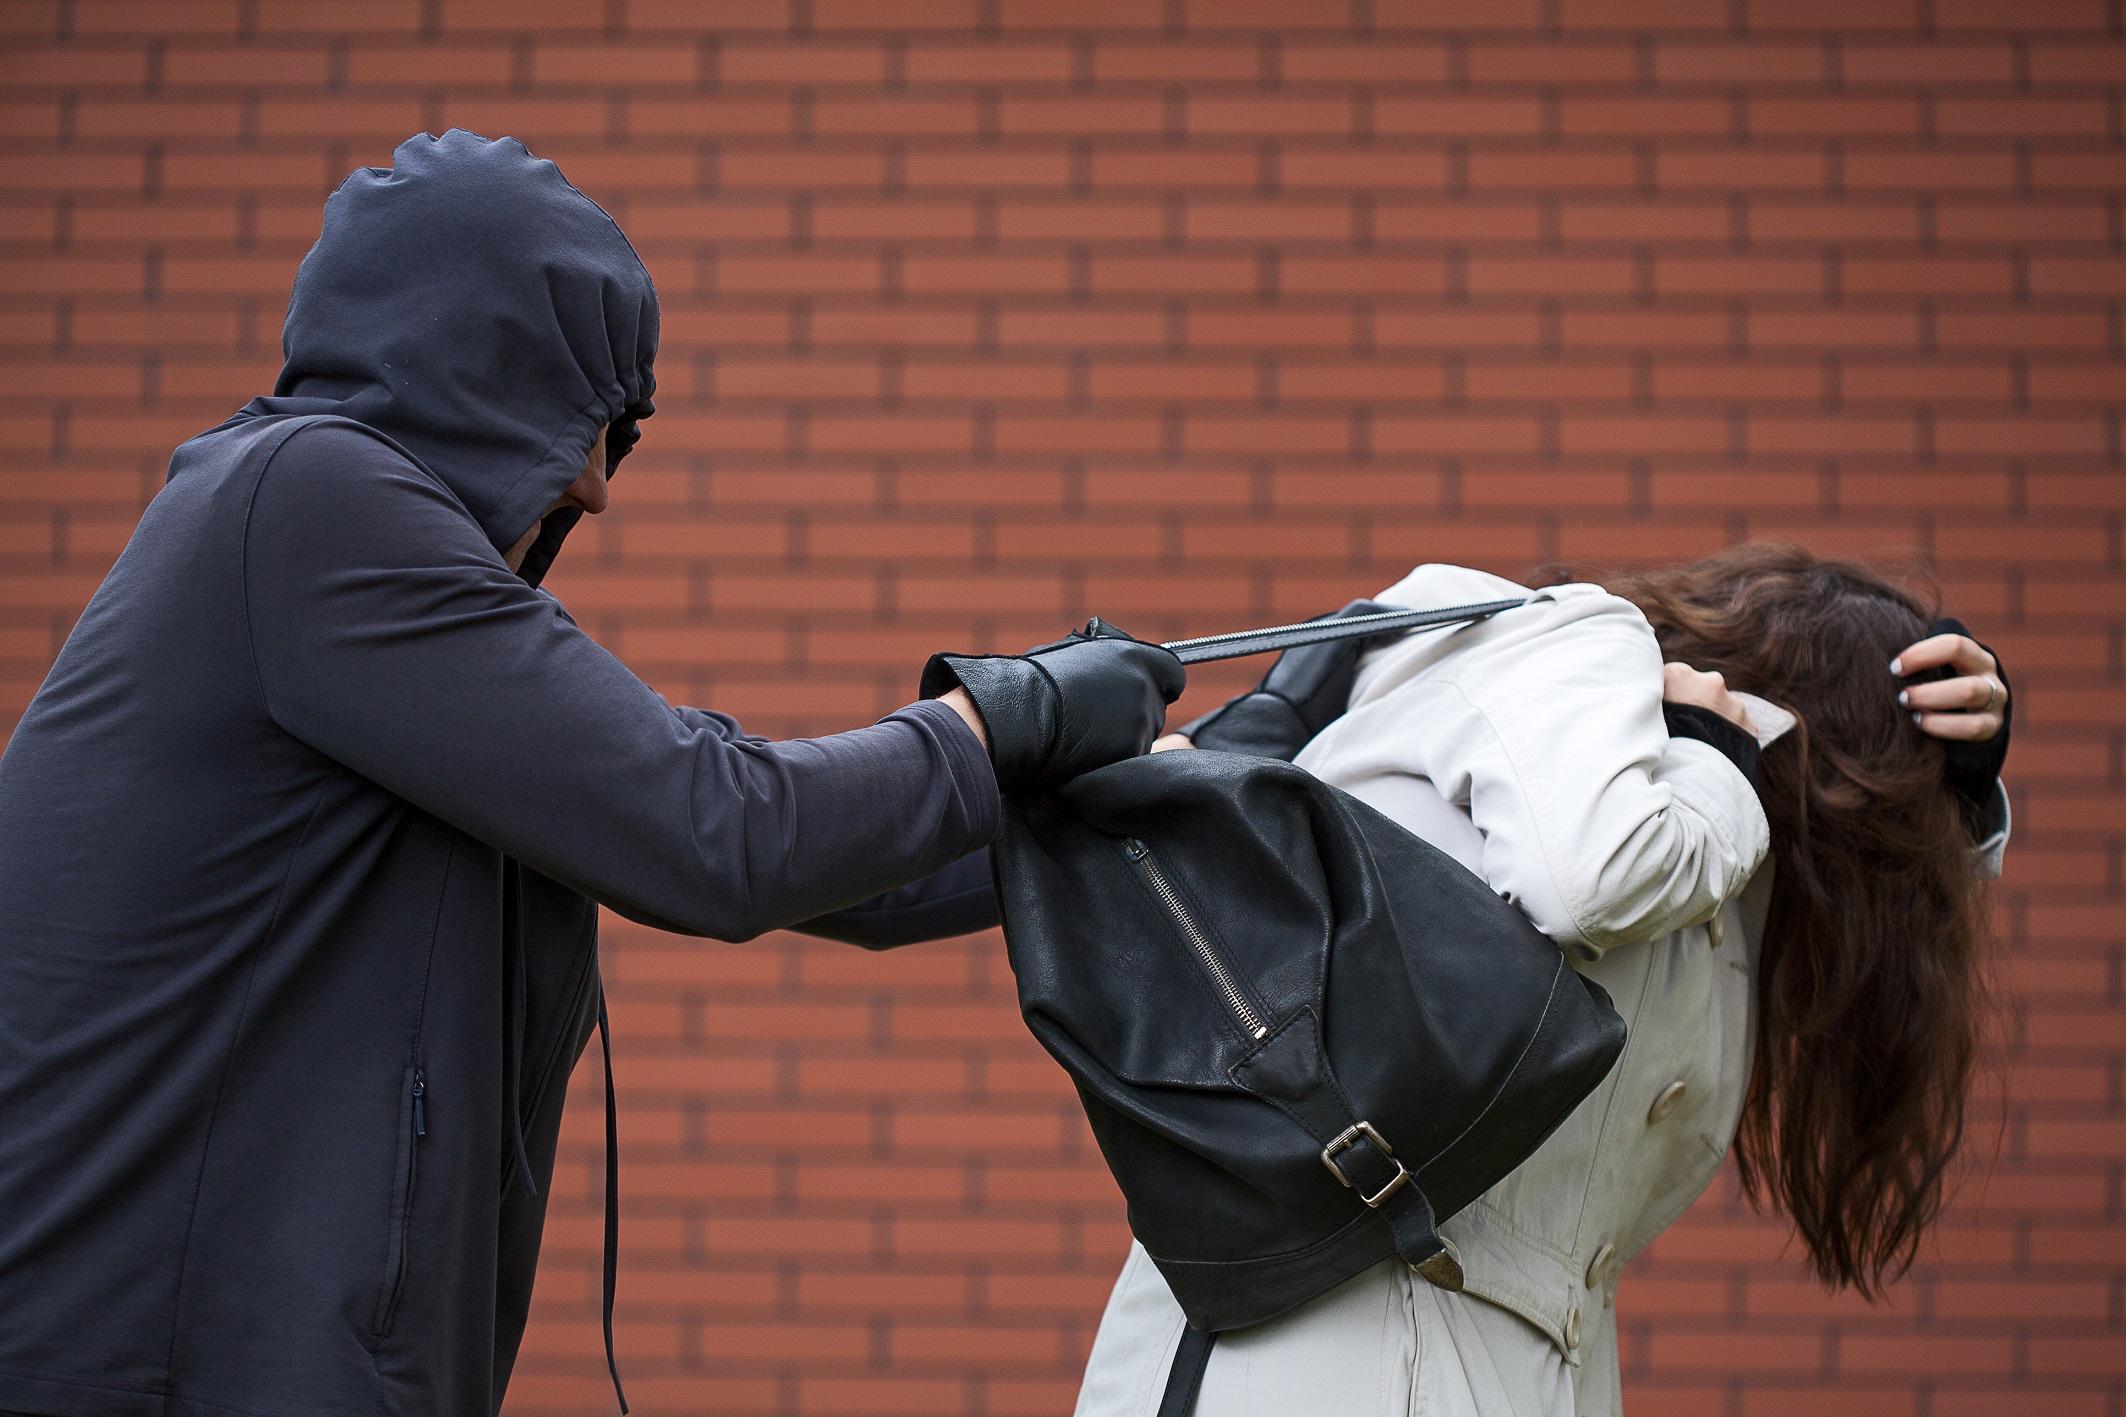 Photo of הוארך מעצרם של חבורת הנערים בני 16 מהשרון שתקפו ושדדו את האישה בת ה-76 בכפר סבא, בחשד שתקפו ושדדו אישה בת 27 בהרצליה מספר ימים לאחר מכן